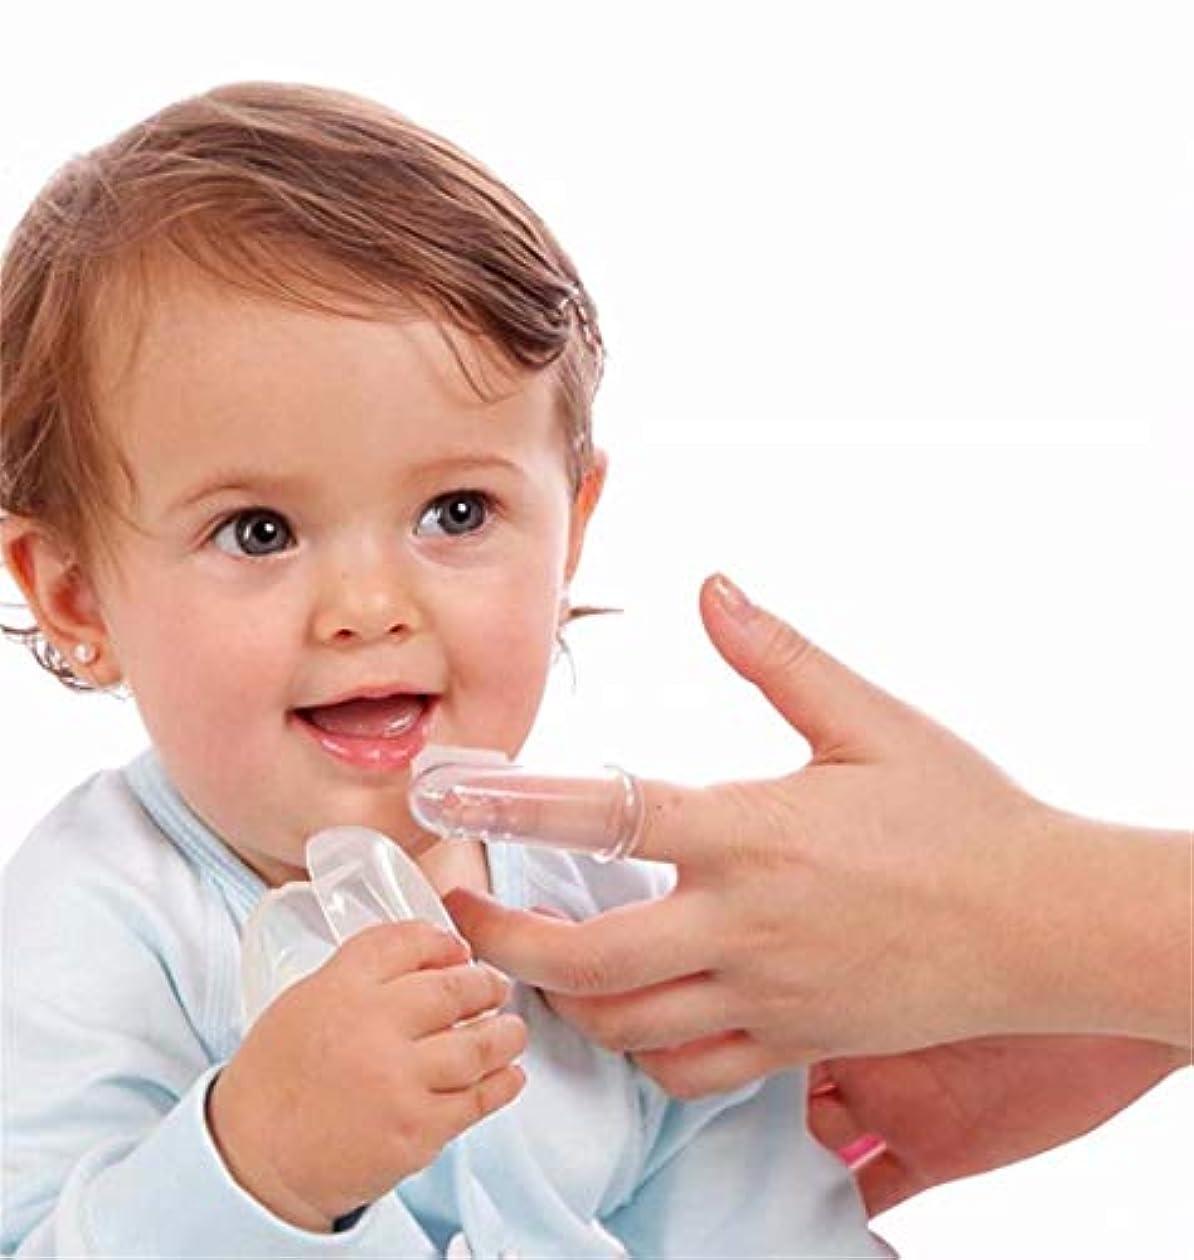 書き出す矢じり教えて七里の香 ベビー指歯ブラシ、乳児幼児子供用シリコーンソフトオーラルマッサージャージェントルケア